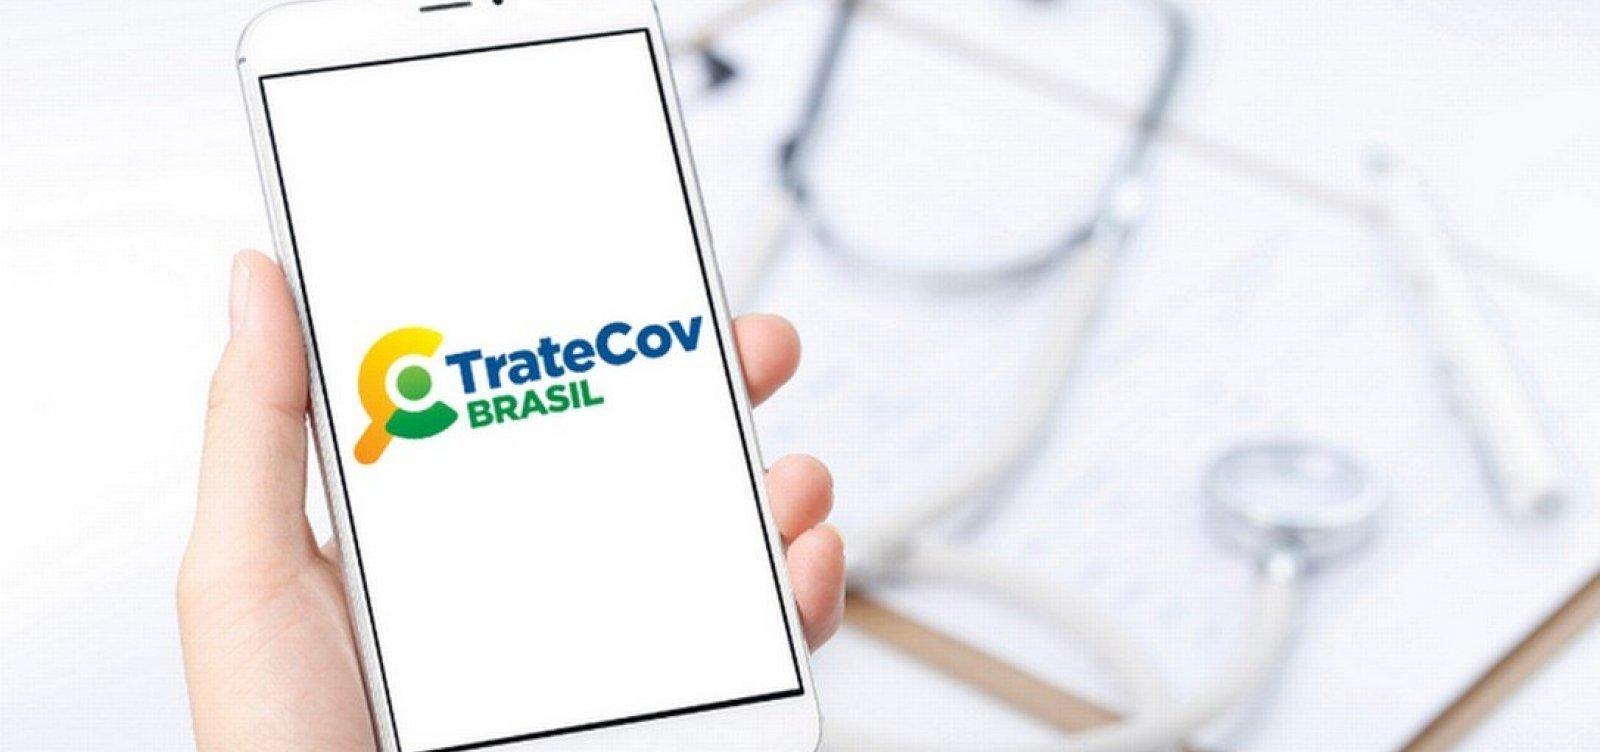 Ministério da Saúde tira do ar aplicativo que recomenda 'tratamento precoce' para Covid-19